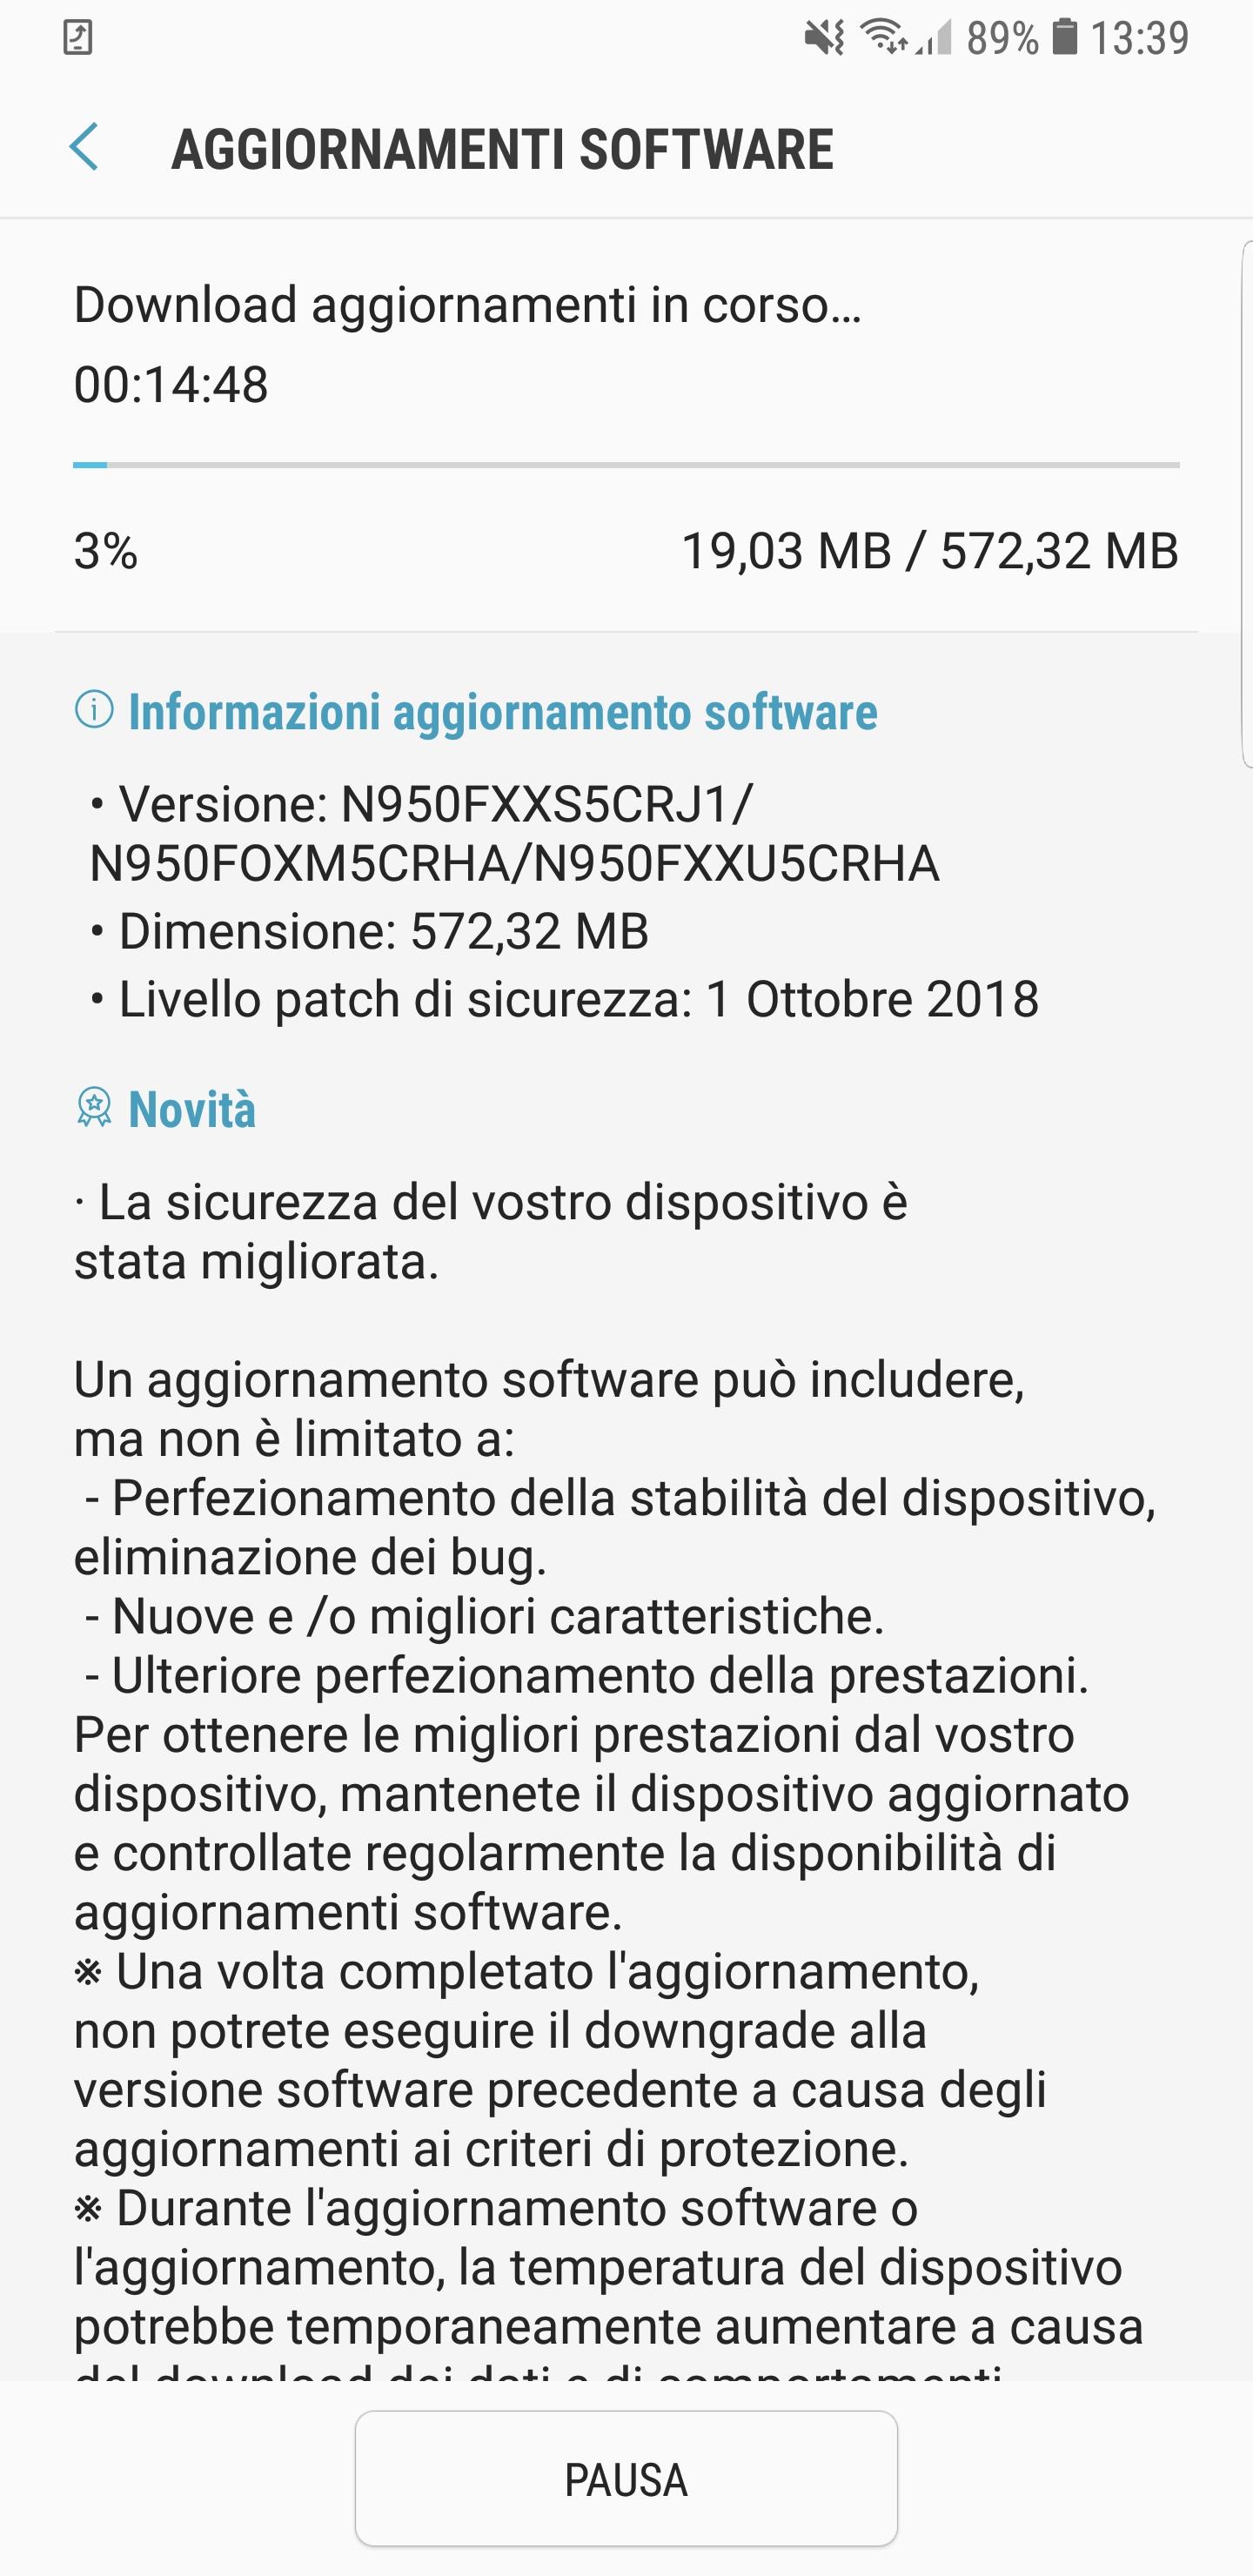 Aggiornamento Samsung Galaxy A8 2018